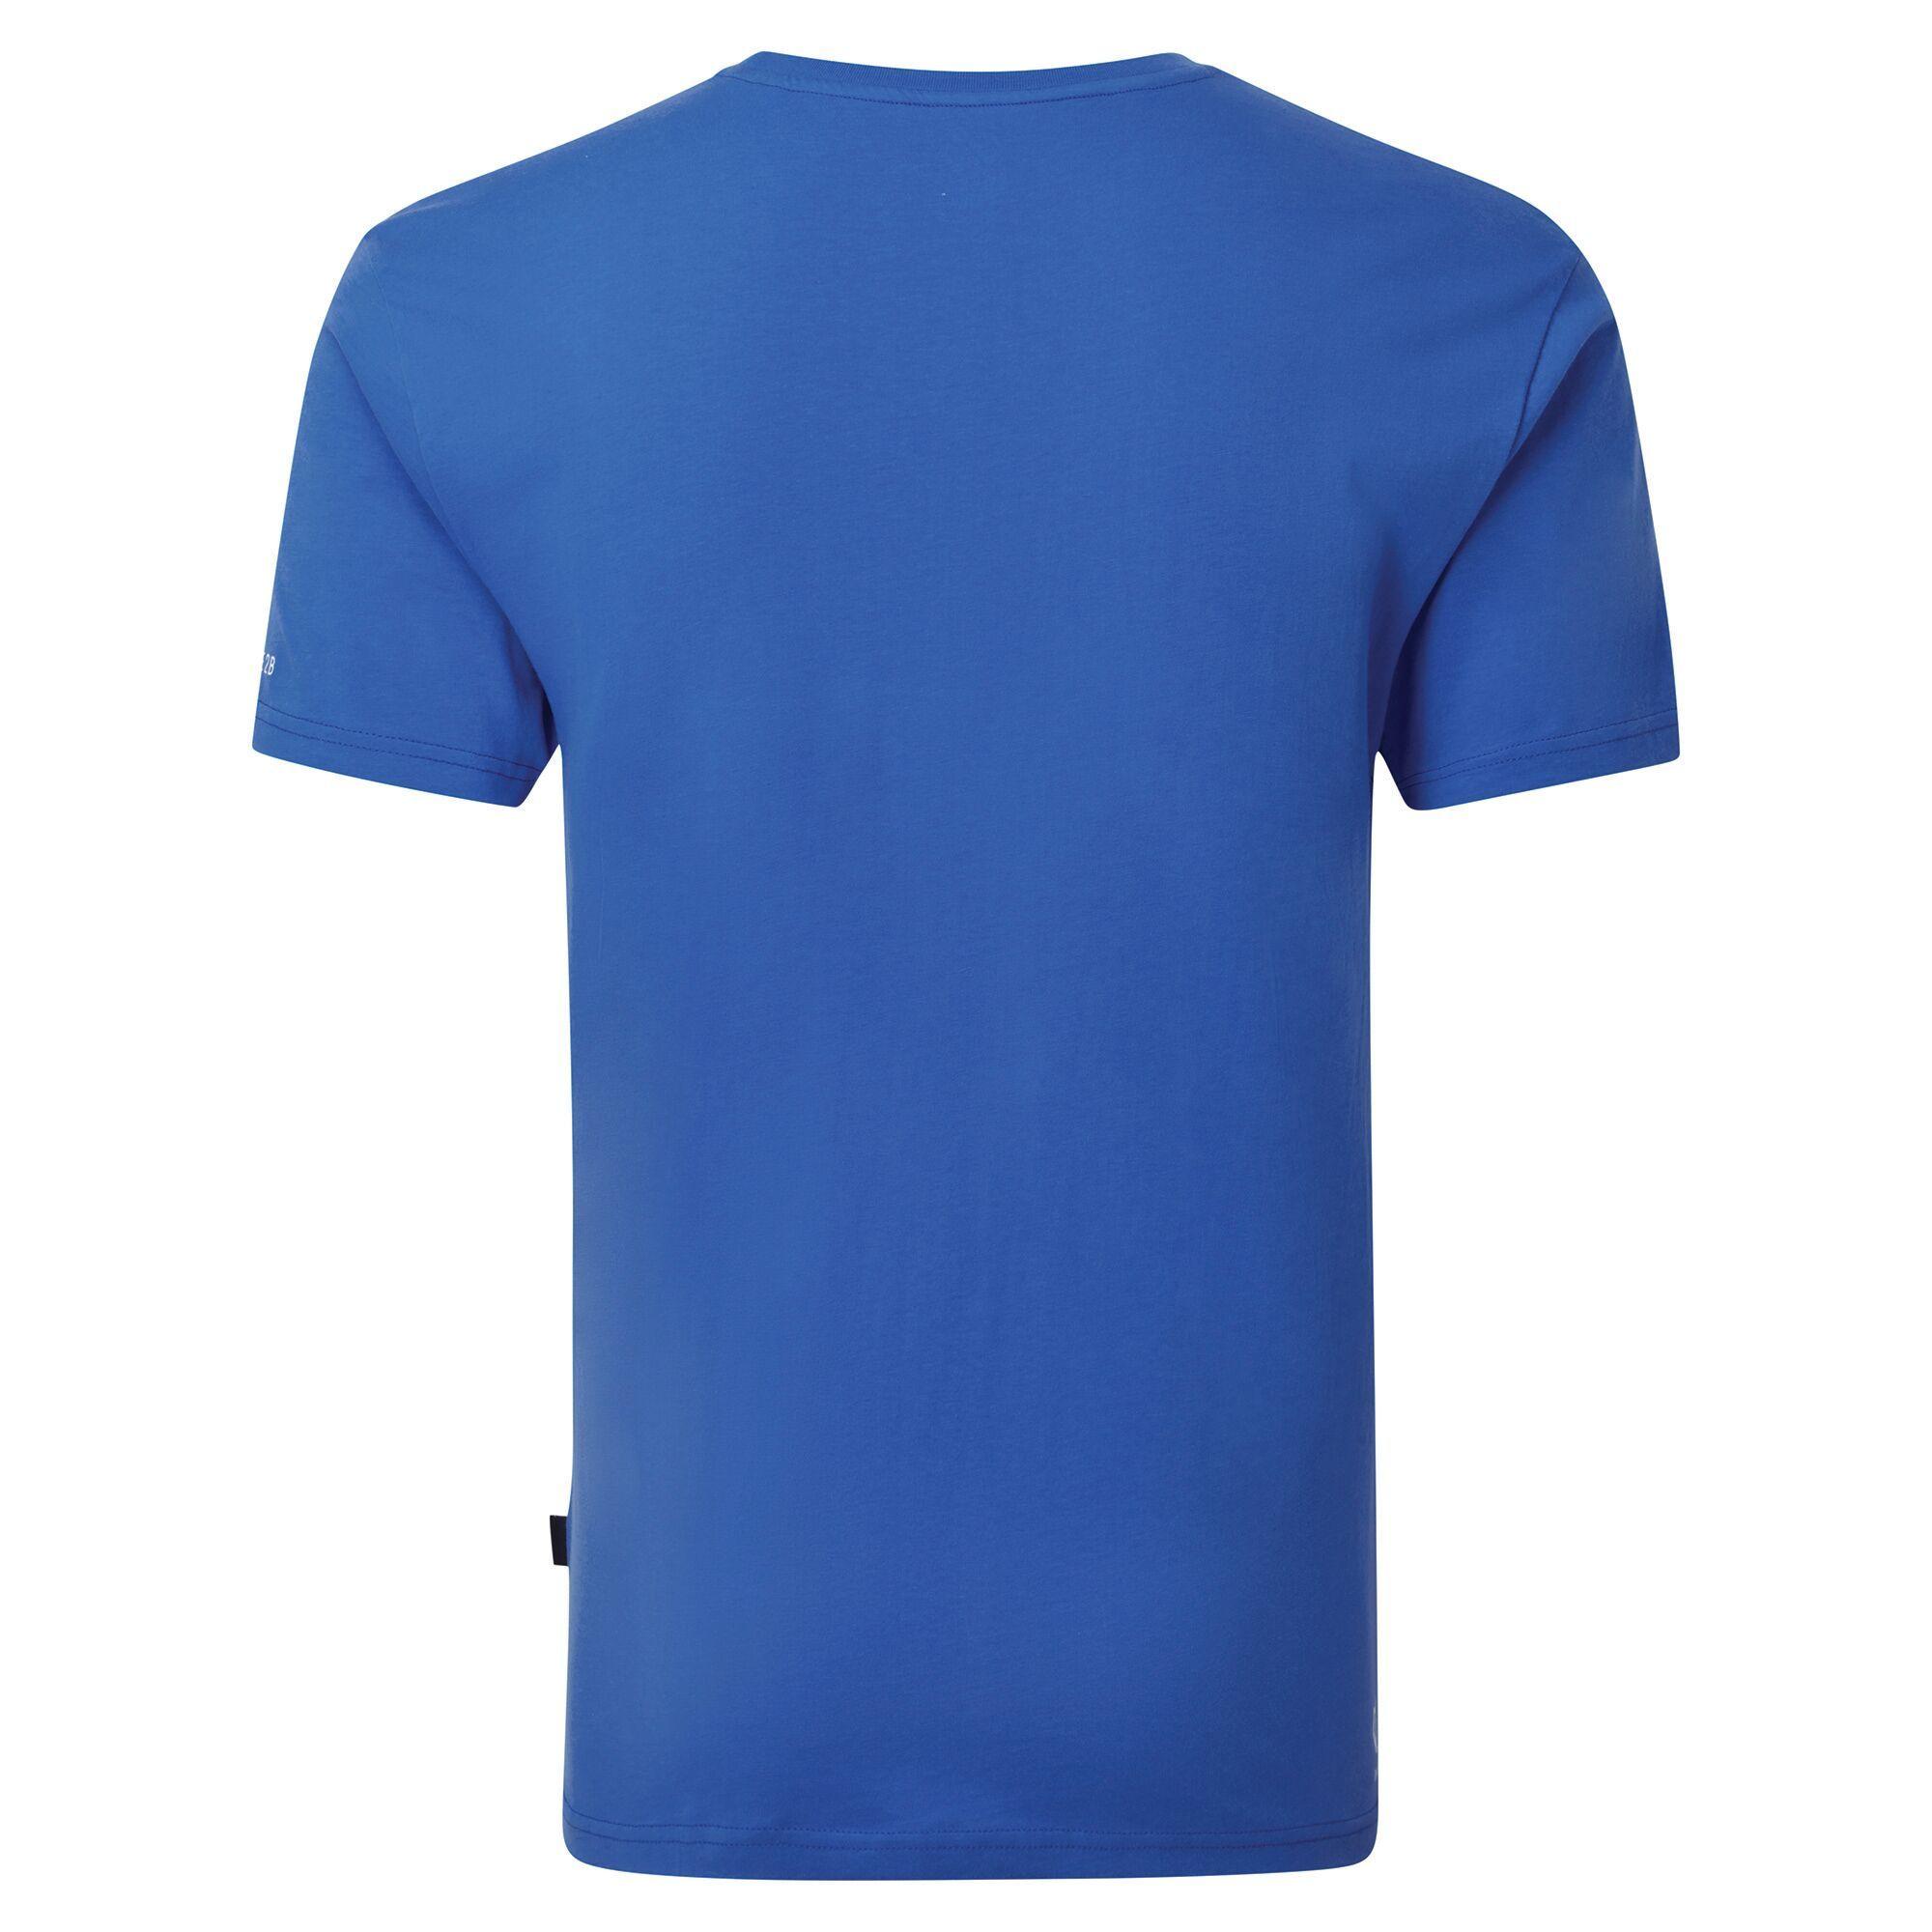 miniature 8 - Dare 2B - T-shirt imprimé STRINGENT - Homme (RG5022)